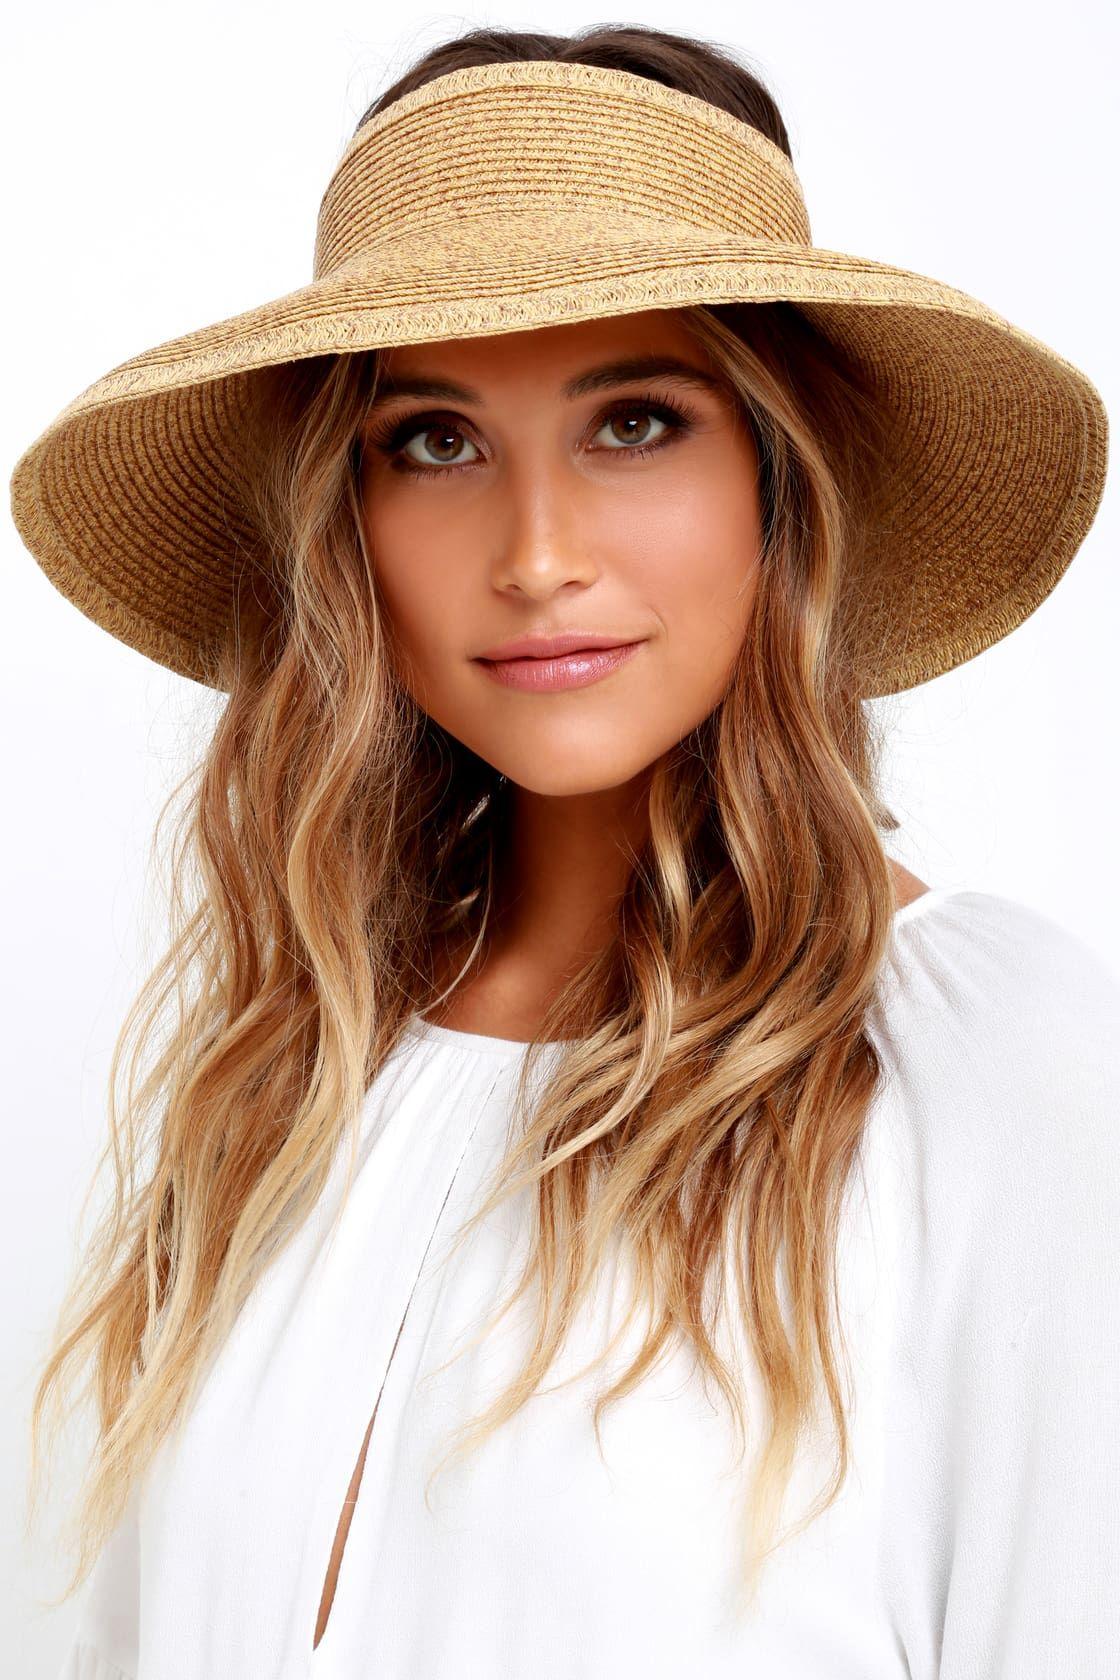 94c8ee261 Shade Stunner Beige Straw Visor! This woven travel-friendly visor ...